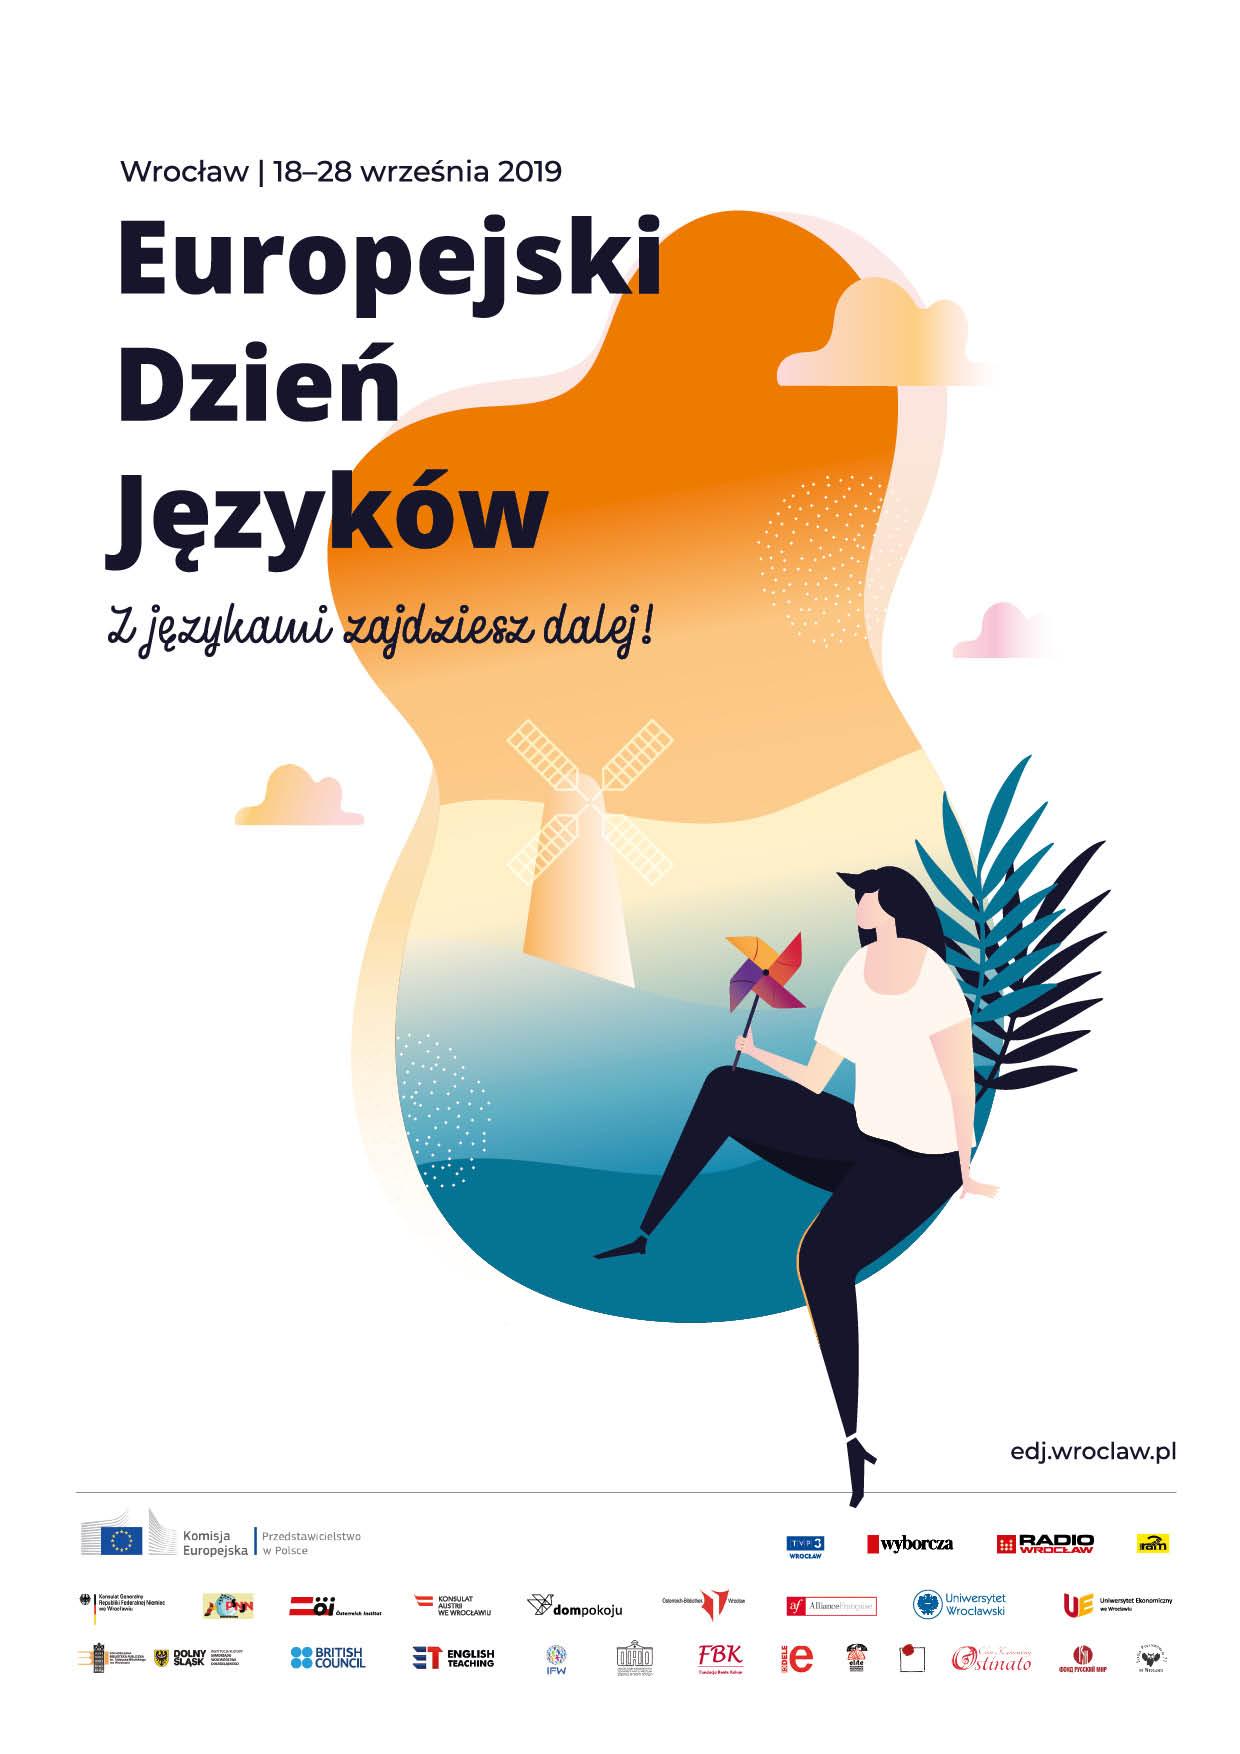 plakat_edj_2019_wroclaw